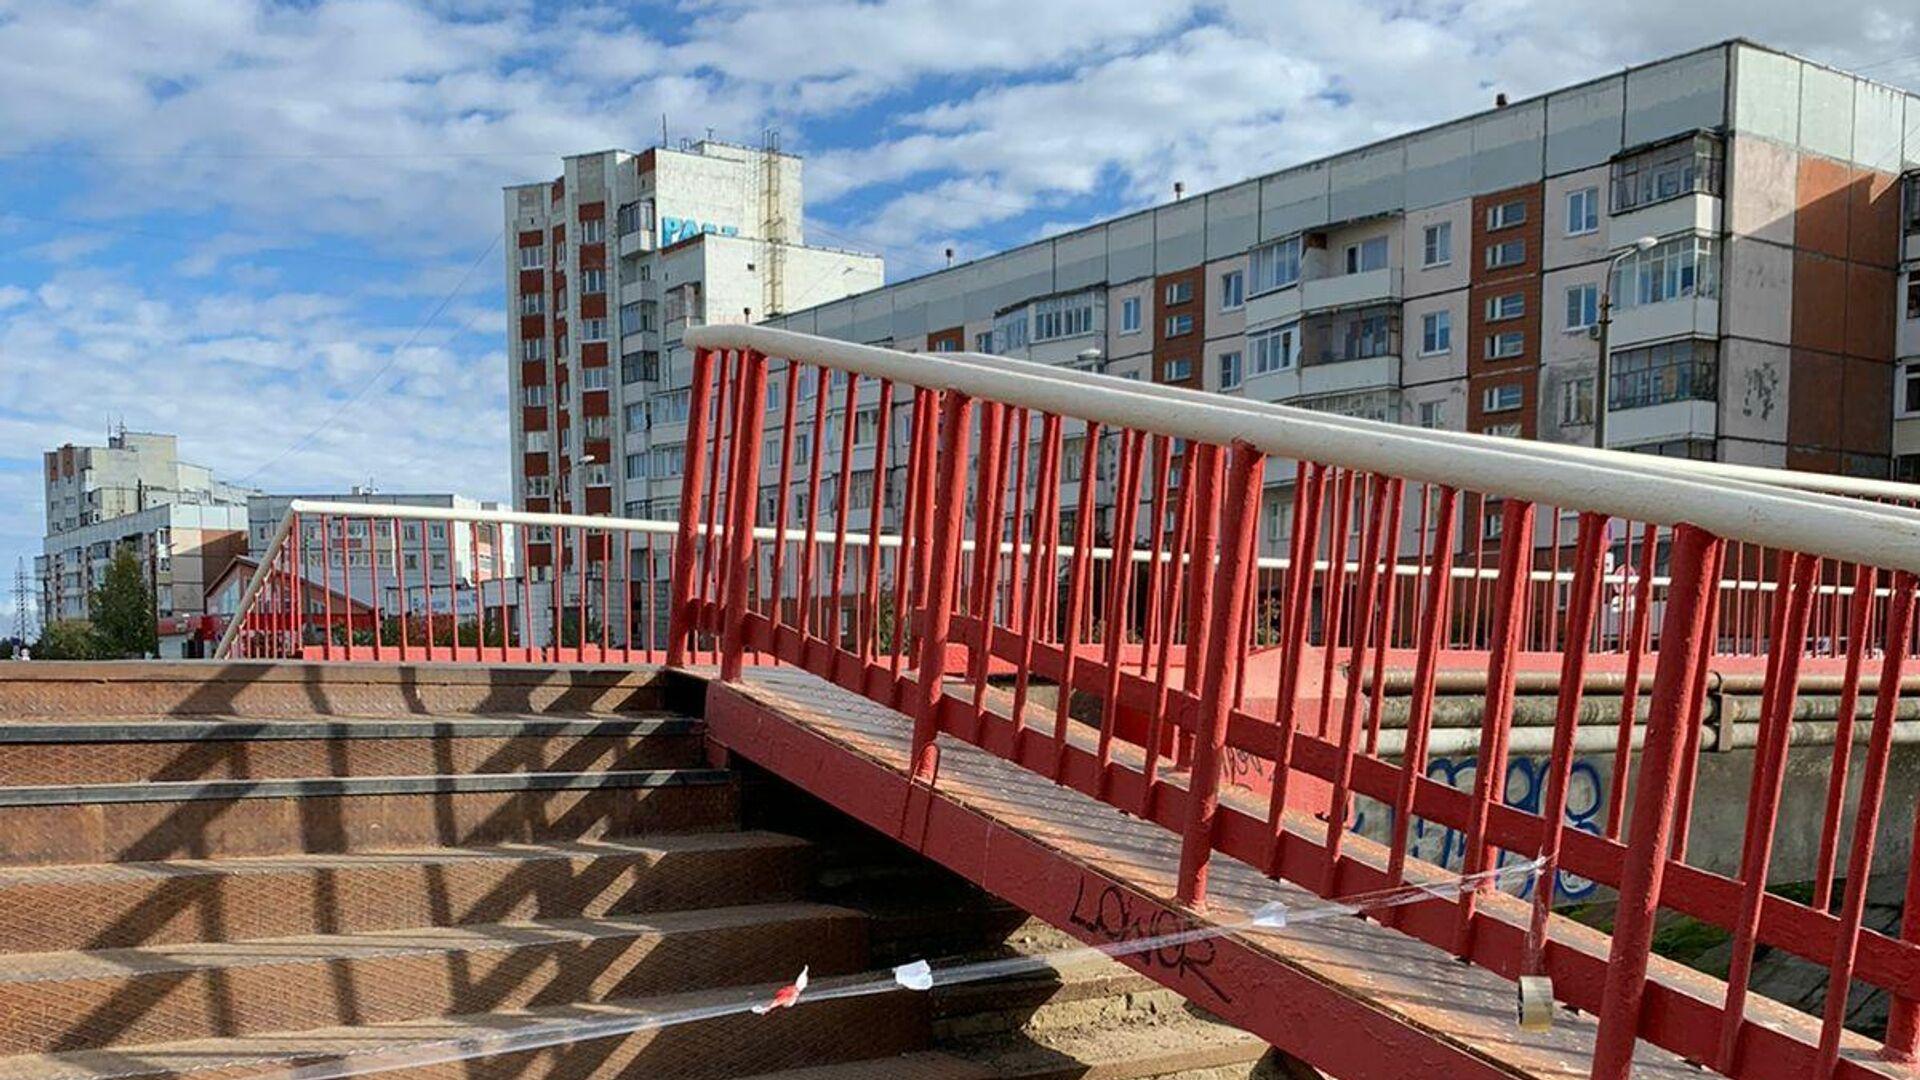 Мост по улице Лебедева в городе Северодвинске,  где был обнаружен подросток с ножевыми ранениями - РИА Новости, 1920, 13.09.2021